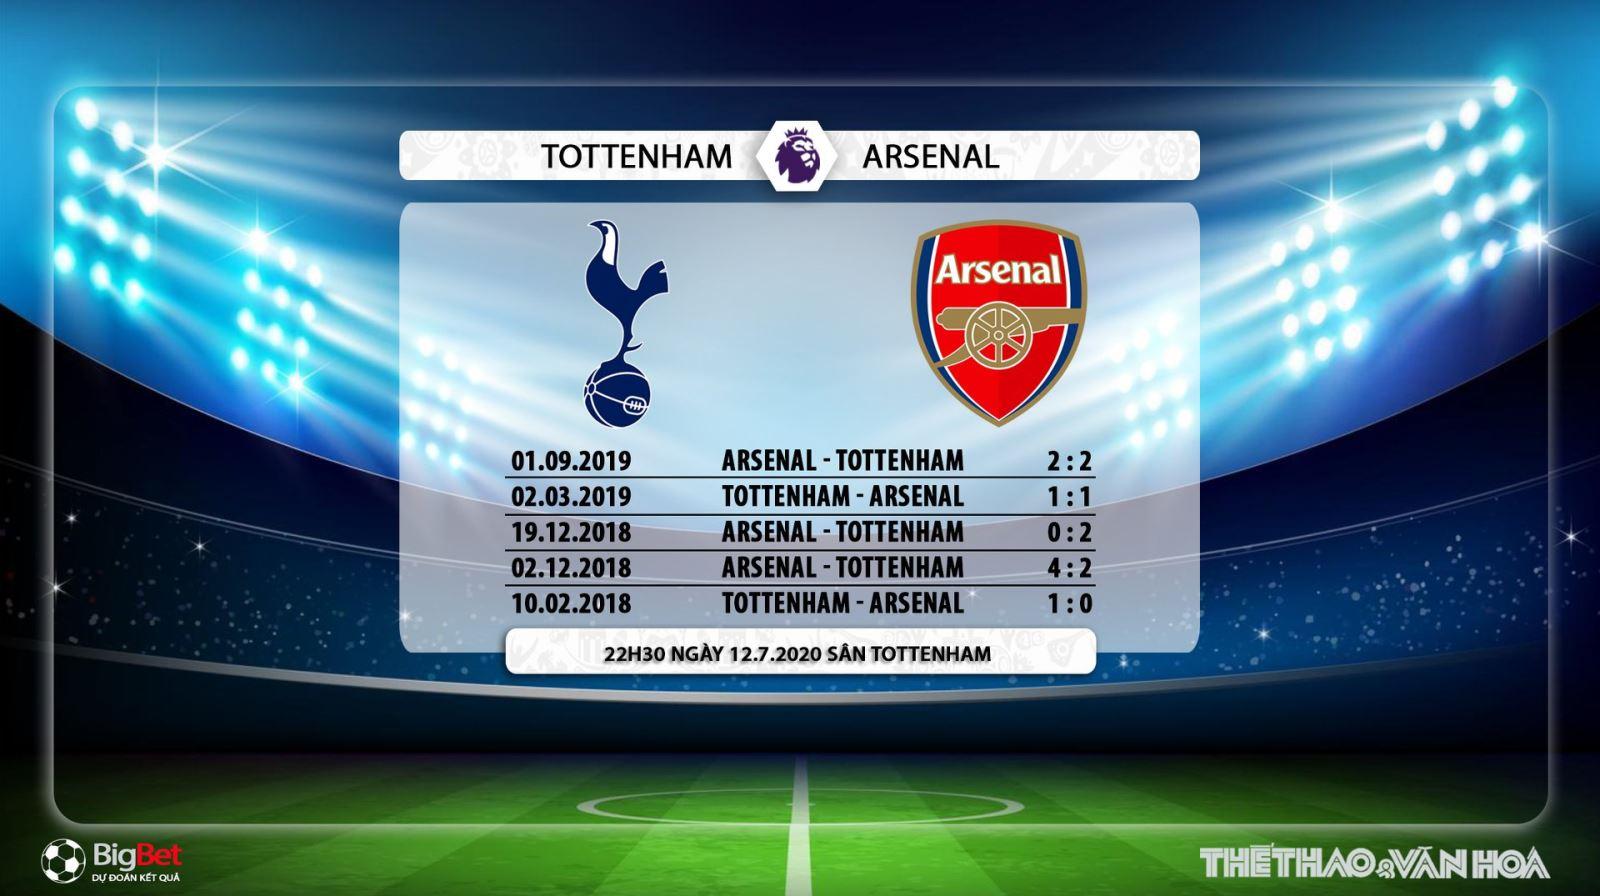 Tottenham vs Arsenal, Tottenham, Arsenal, soi kèo Tottenham vs Arsenal, kèo bóng đá, soi kèo, nhận định, dự đoán, trực tiếp bóng đá, lịch thi đấu bóng đá